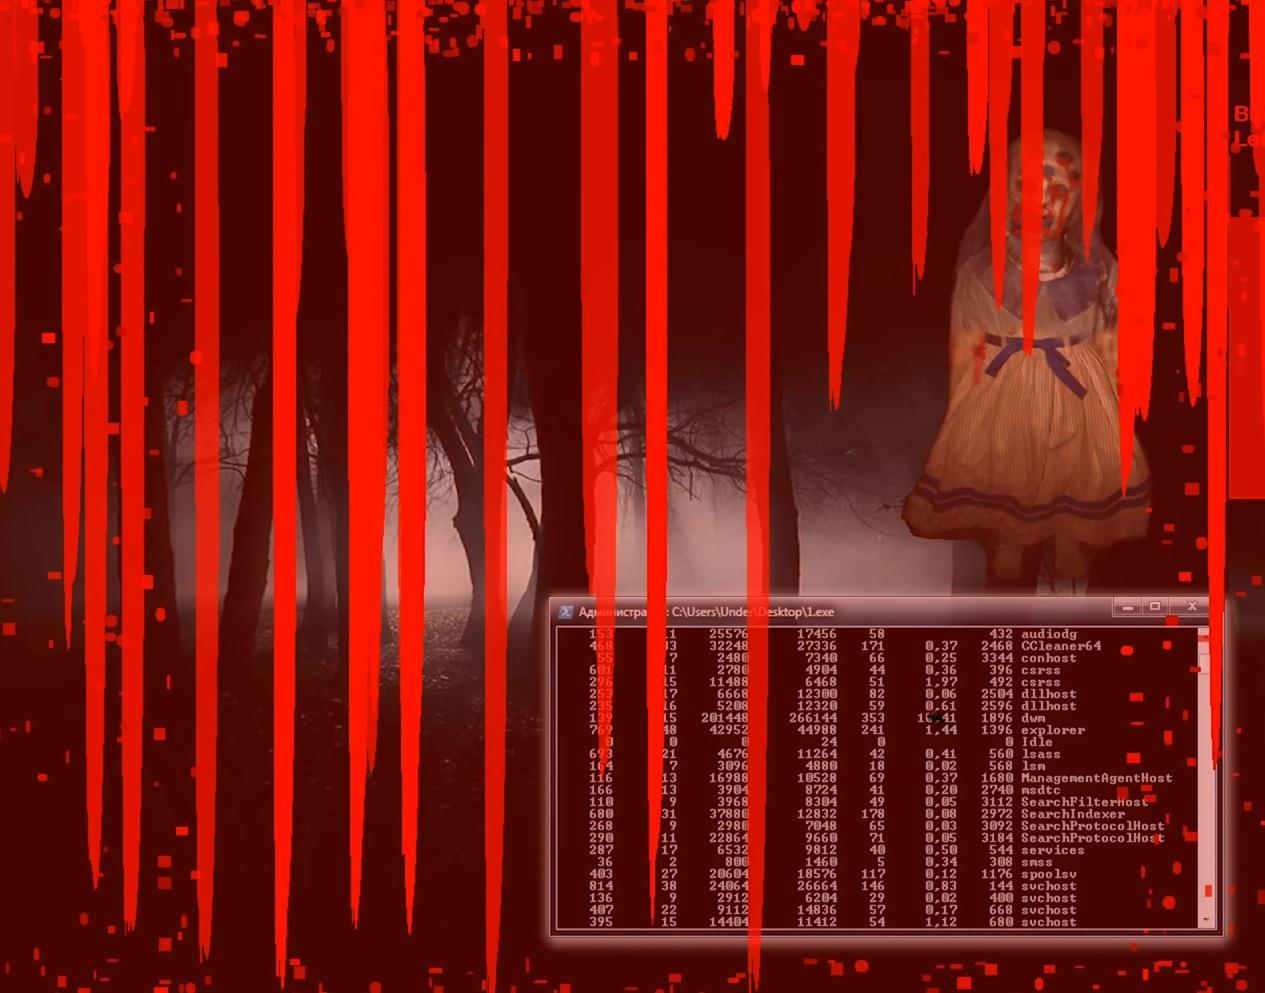 MrsMajor 3.0 - Страшный вирус, новая версия. Как его удалить? 17 - lenium.ru